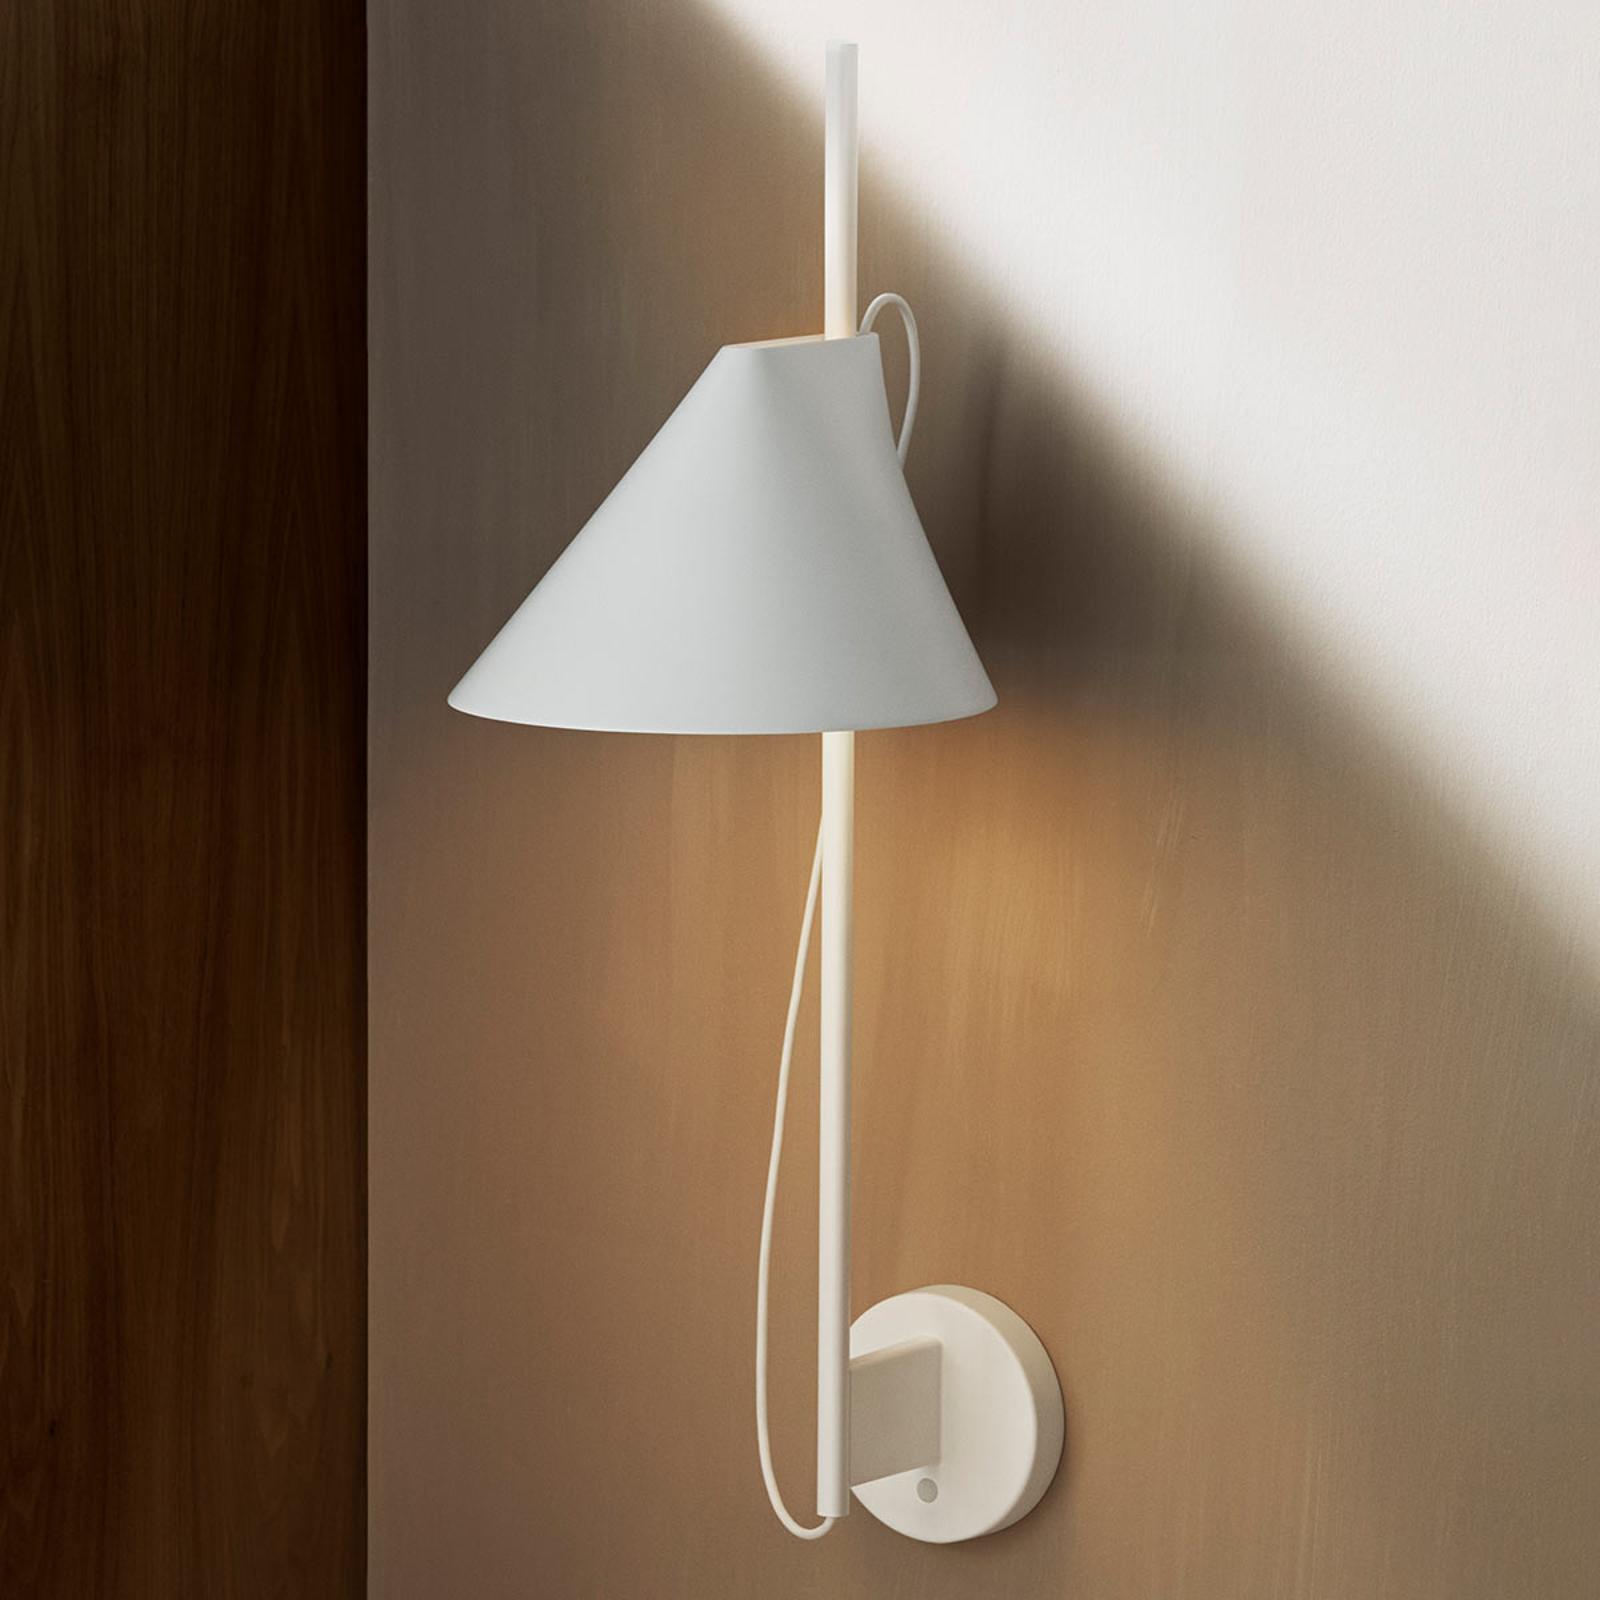 Dimbare LED wandlamp Yuh met schakelaar, wit